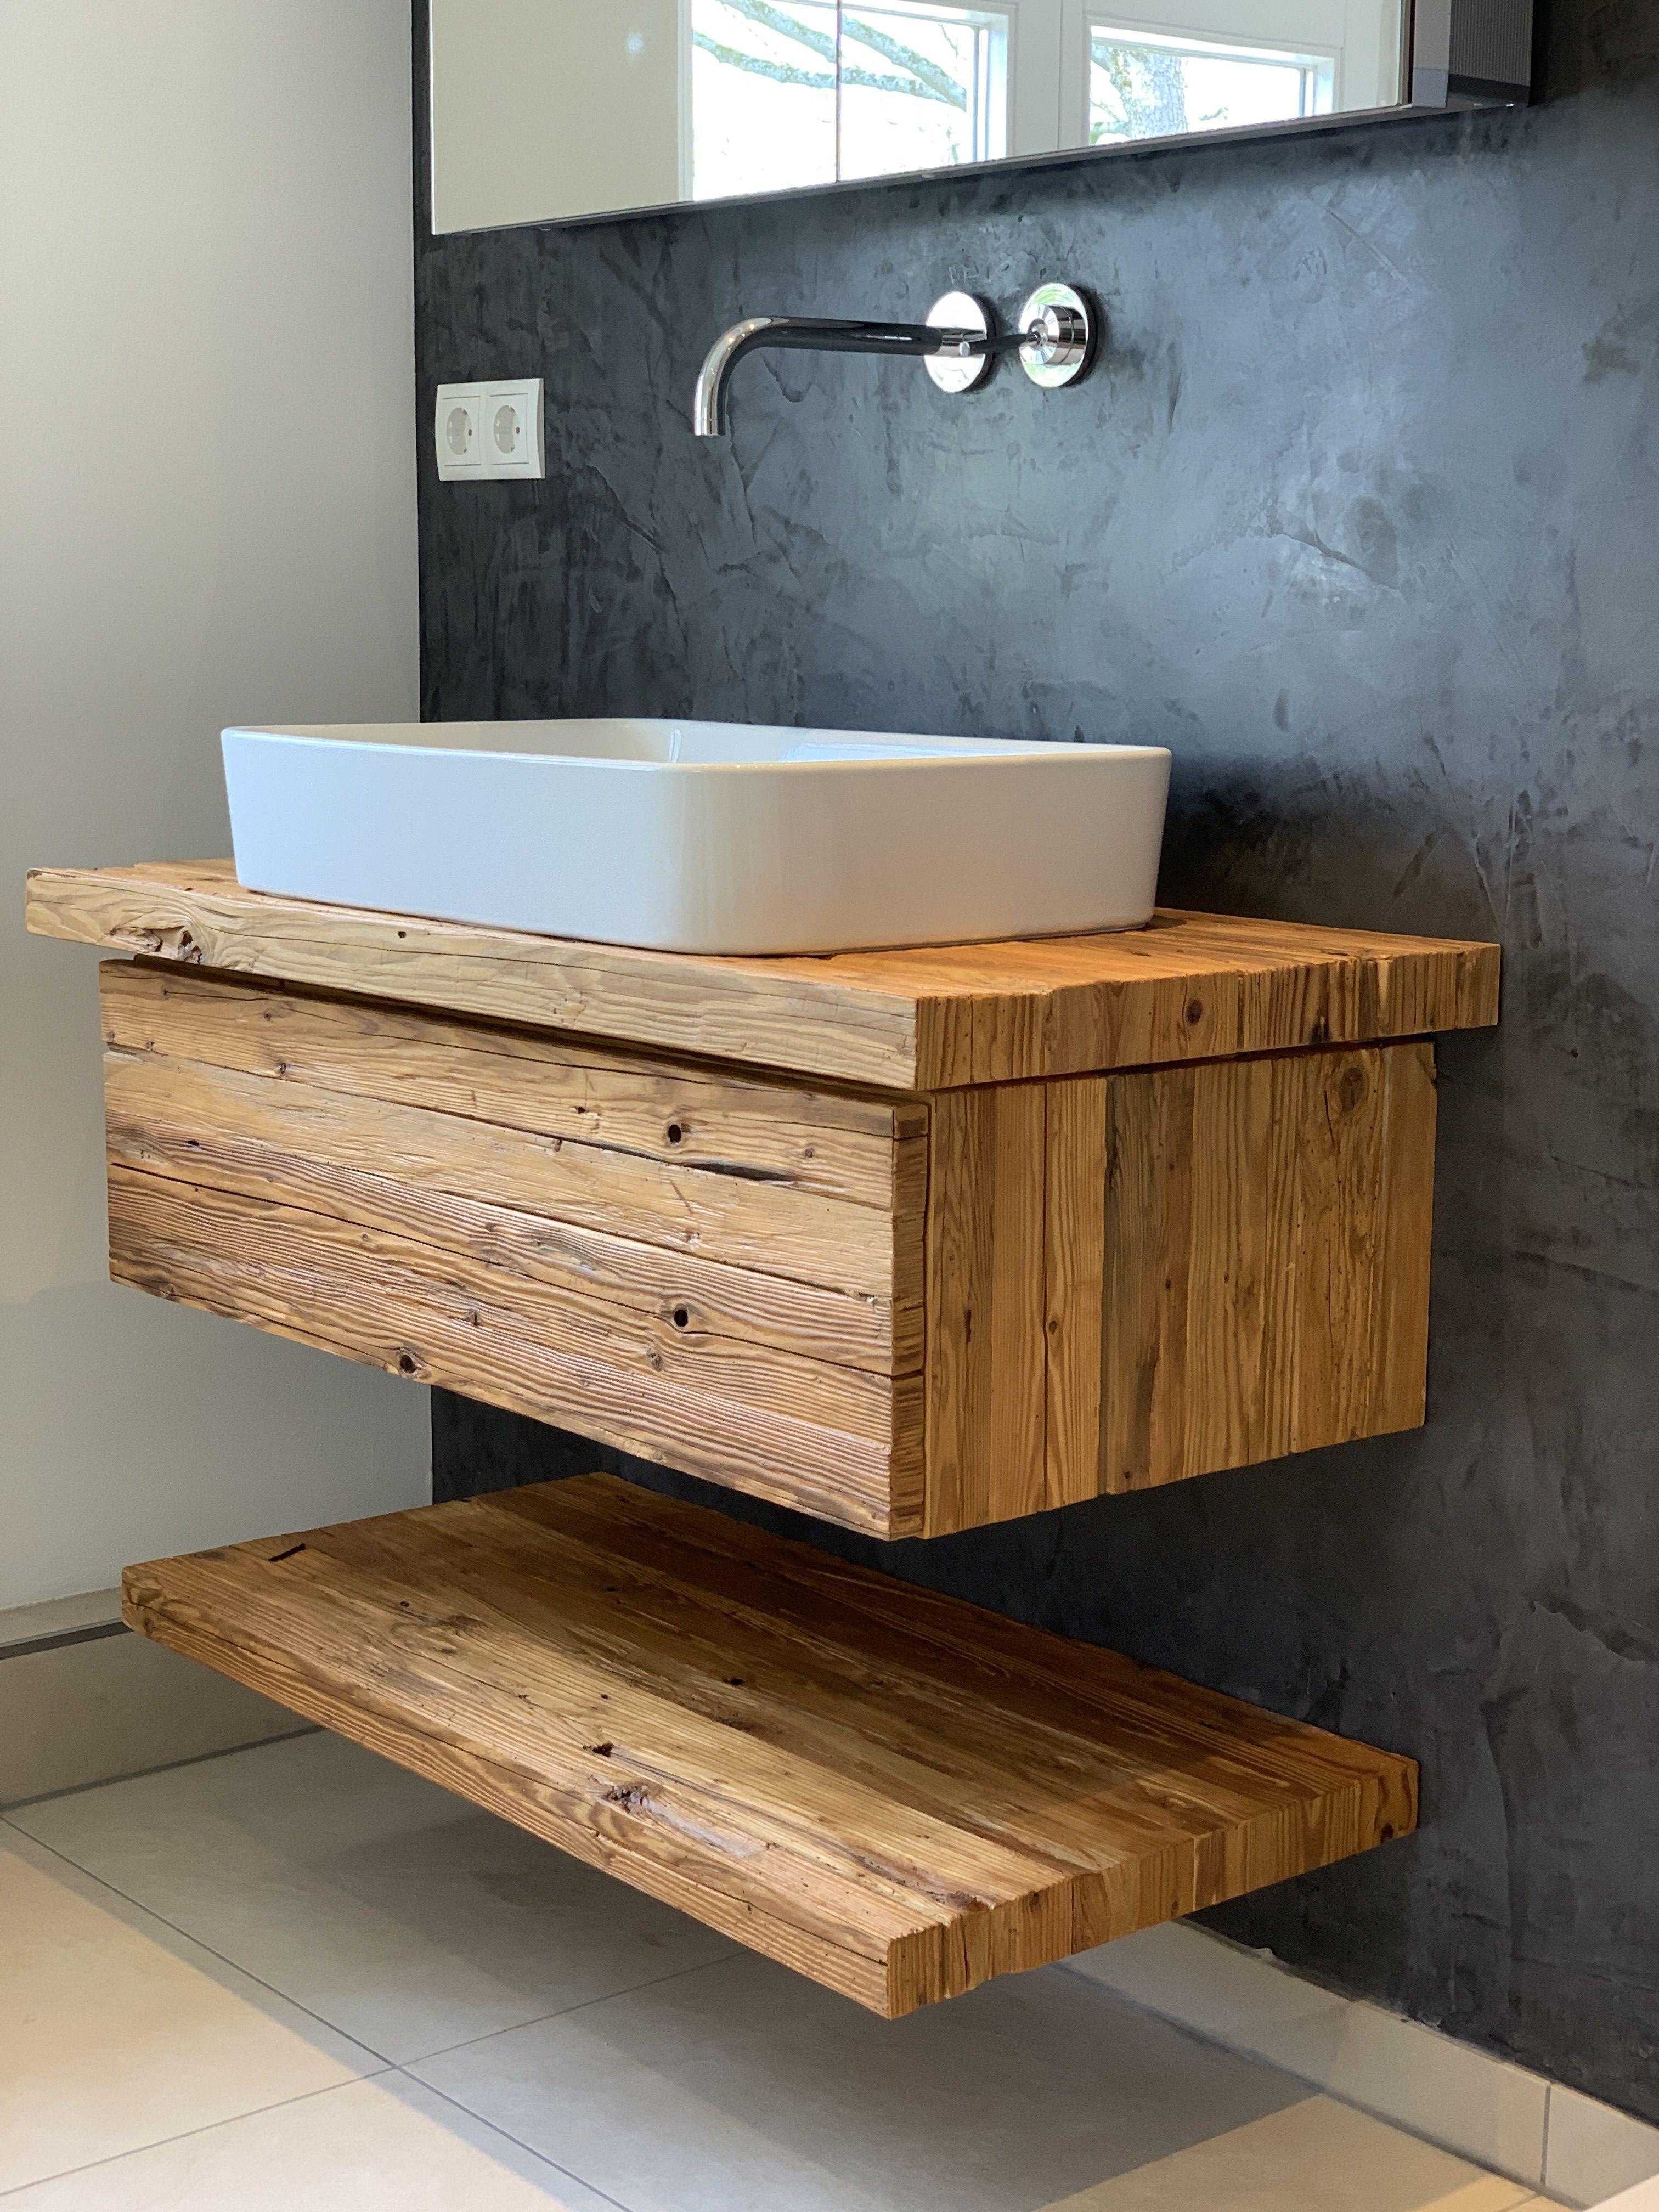 Waschtisch Altholz Zuhausediy Waschtisch In Altholz Vom Schreiner Gefertigt R In 2020 Waschtisch Badezimmer Holz Badezimmer Unterschrank Holz